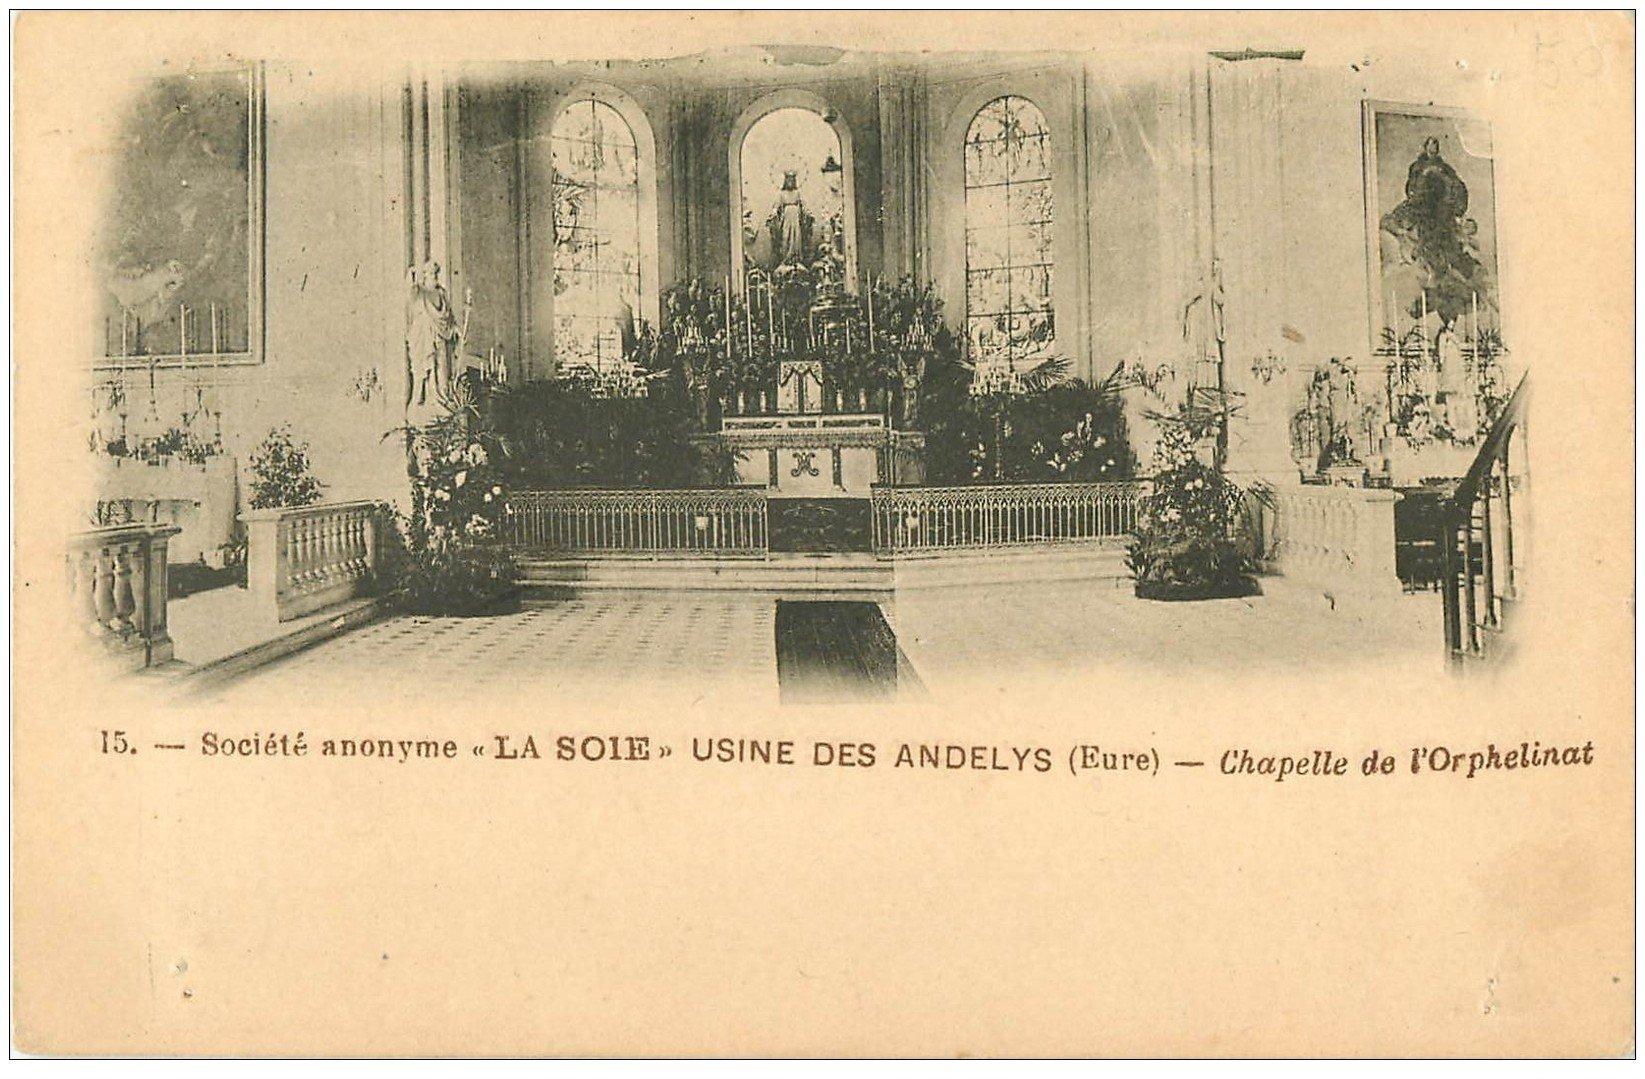 carte postale ancienne 27 LES ANDELYS. Chapelle Orphelinat. Société La Soie Usine des Andelys